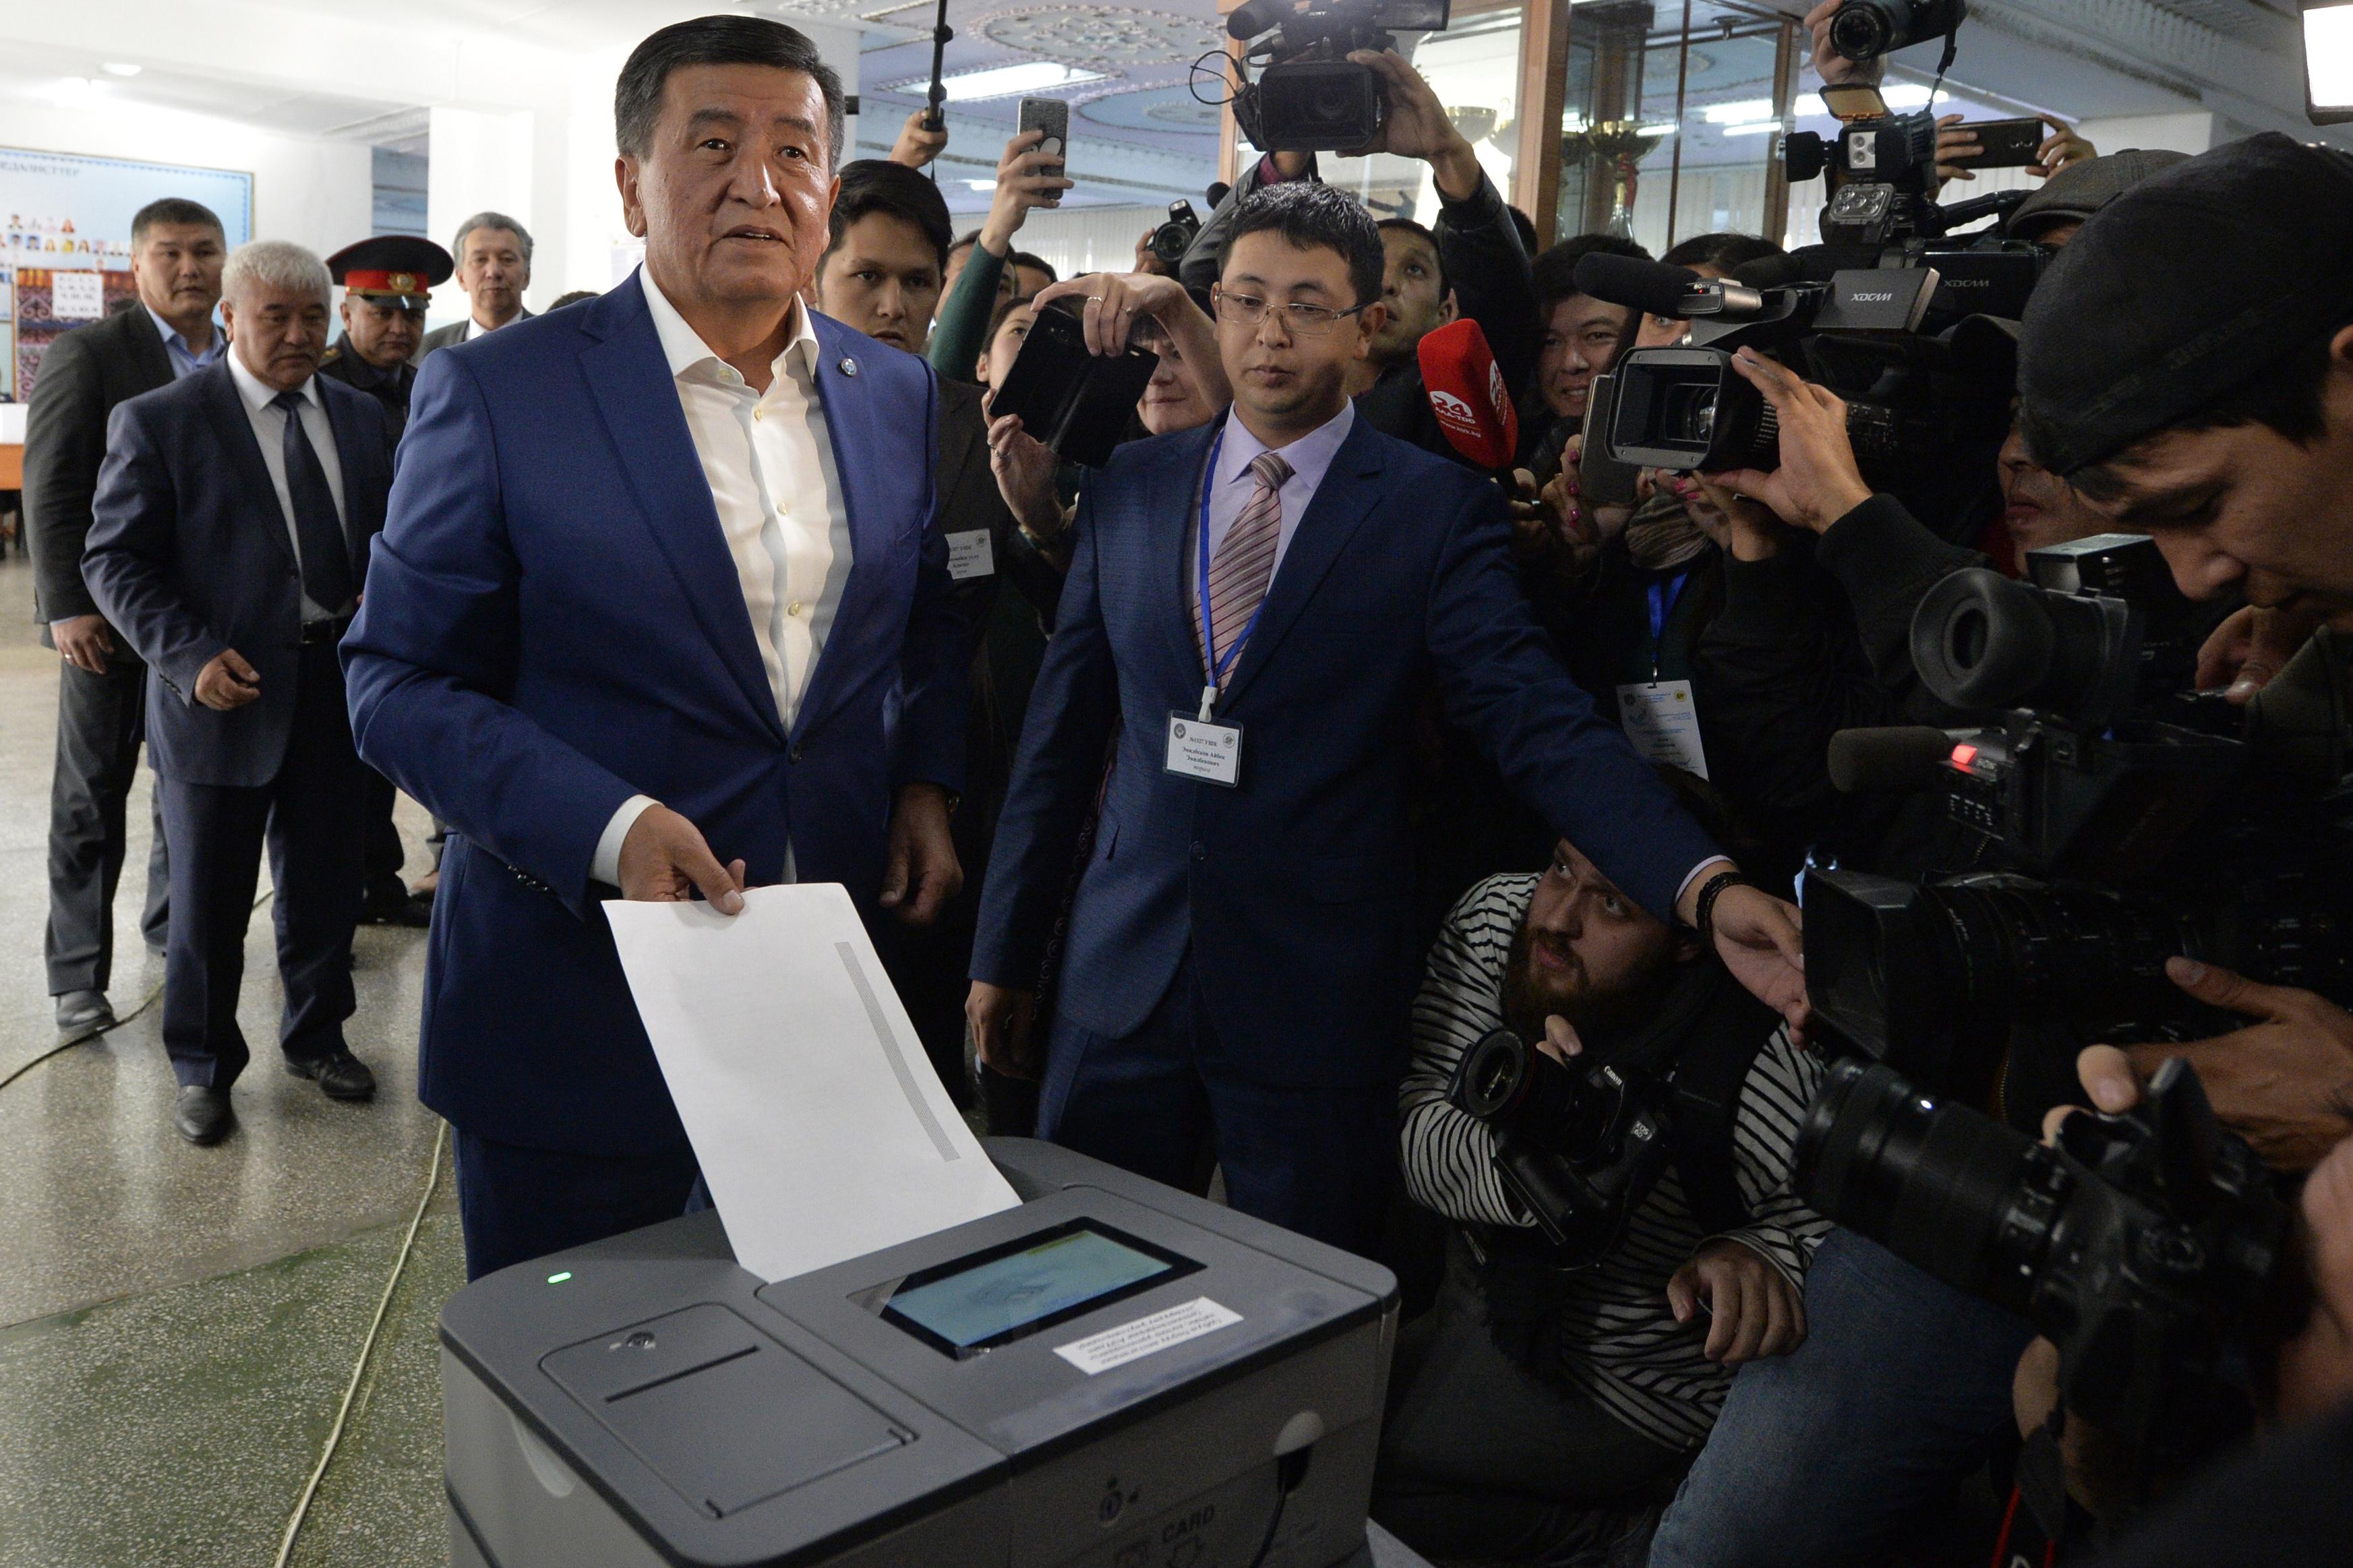 Наблюдатели считают, что президентские выборы в Кыргызстане прошли «организованно» и «справедливо»